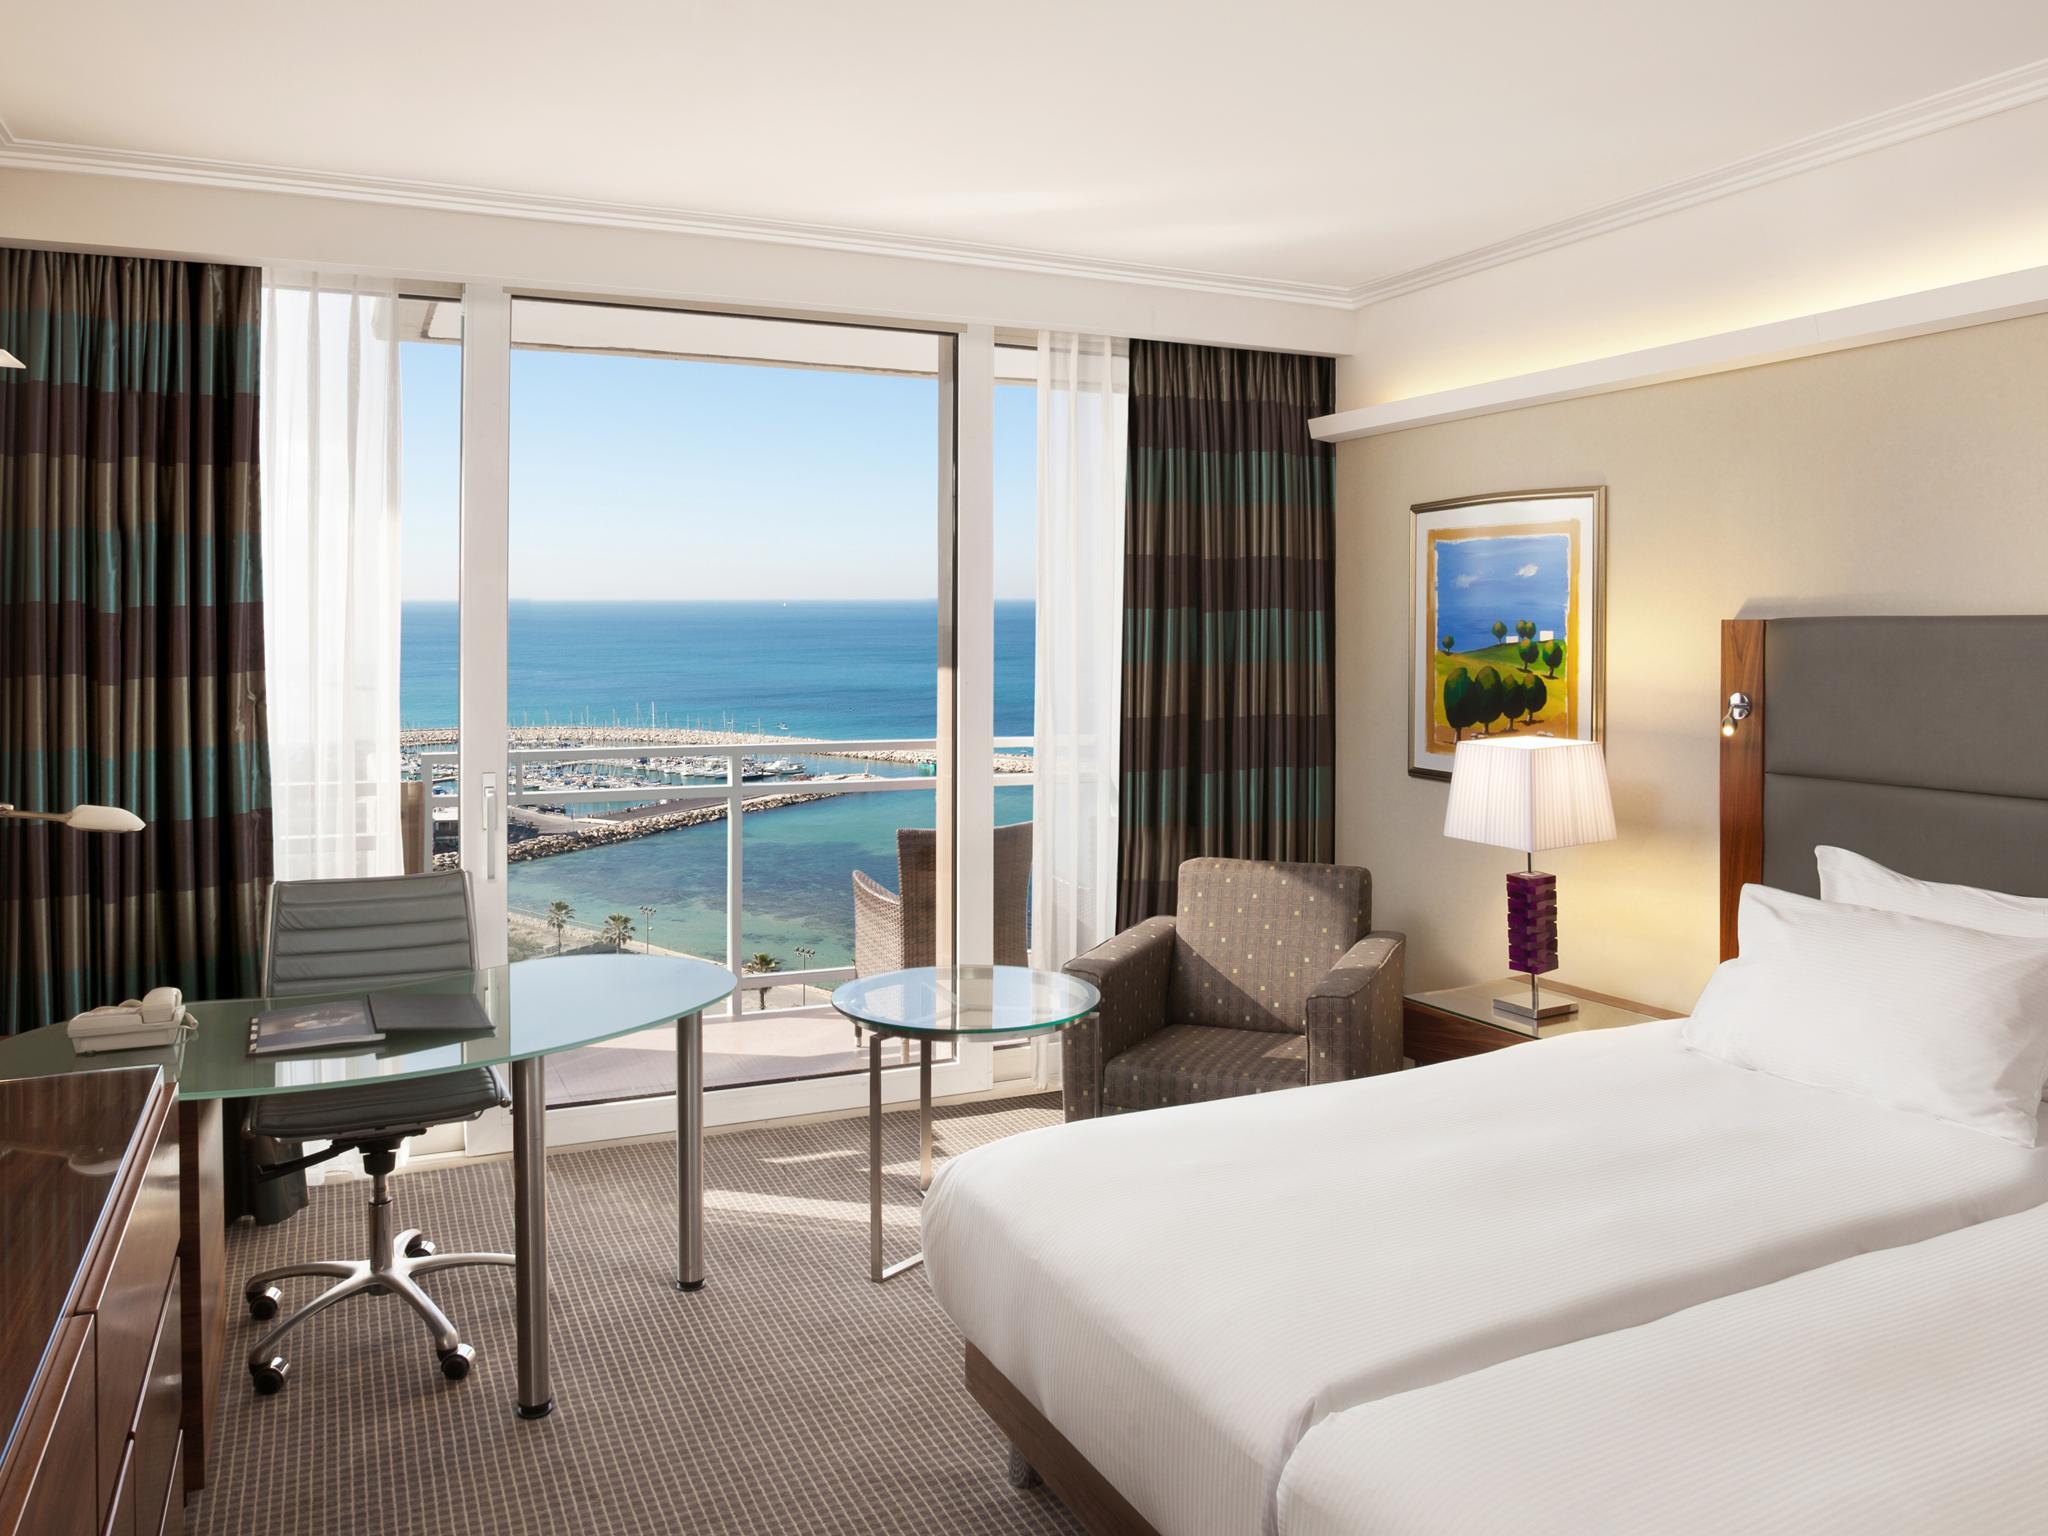 hôtel de luxe tel aviv